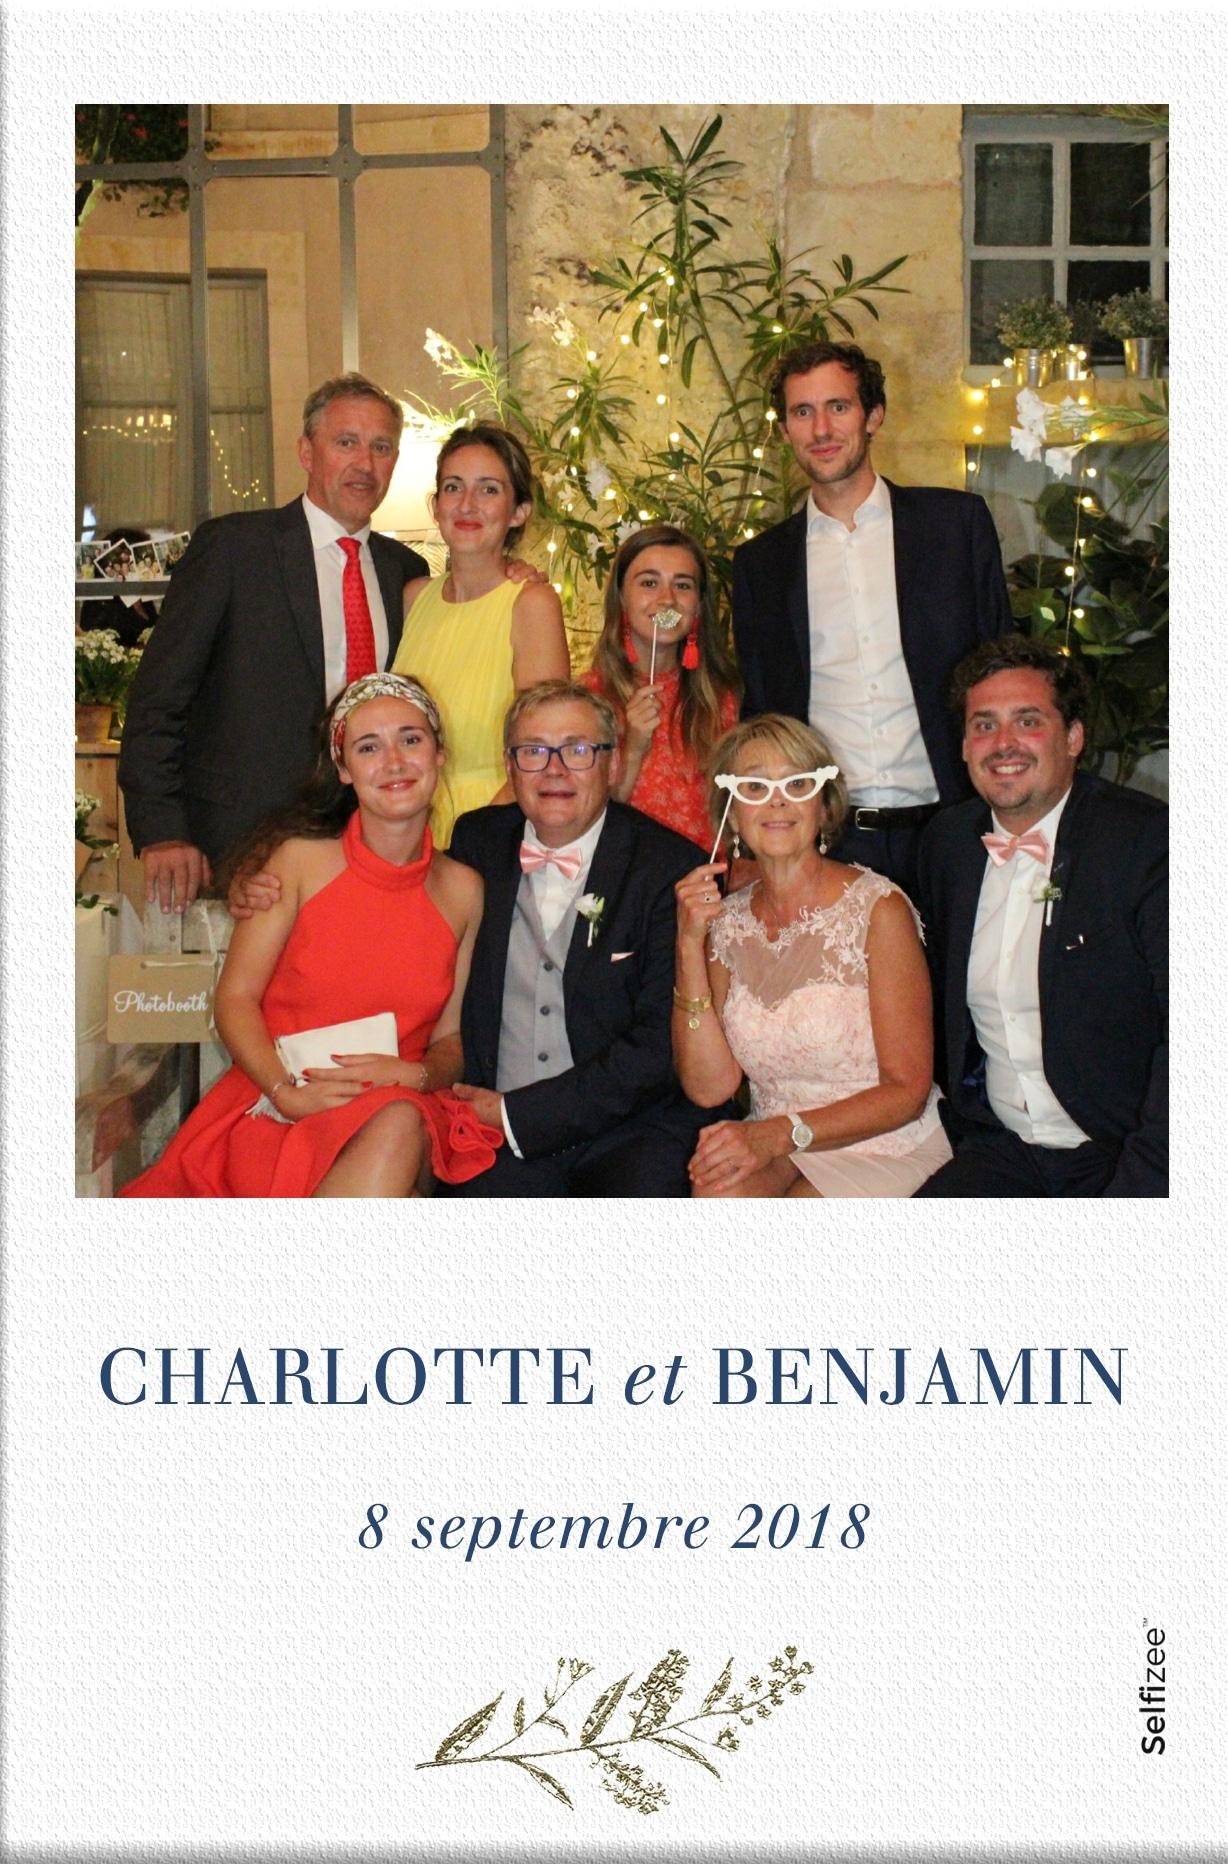 Selfie mariage personnalisé location photobooth connecté Le Mans et en Sarthe pour animation mariage ou fête